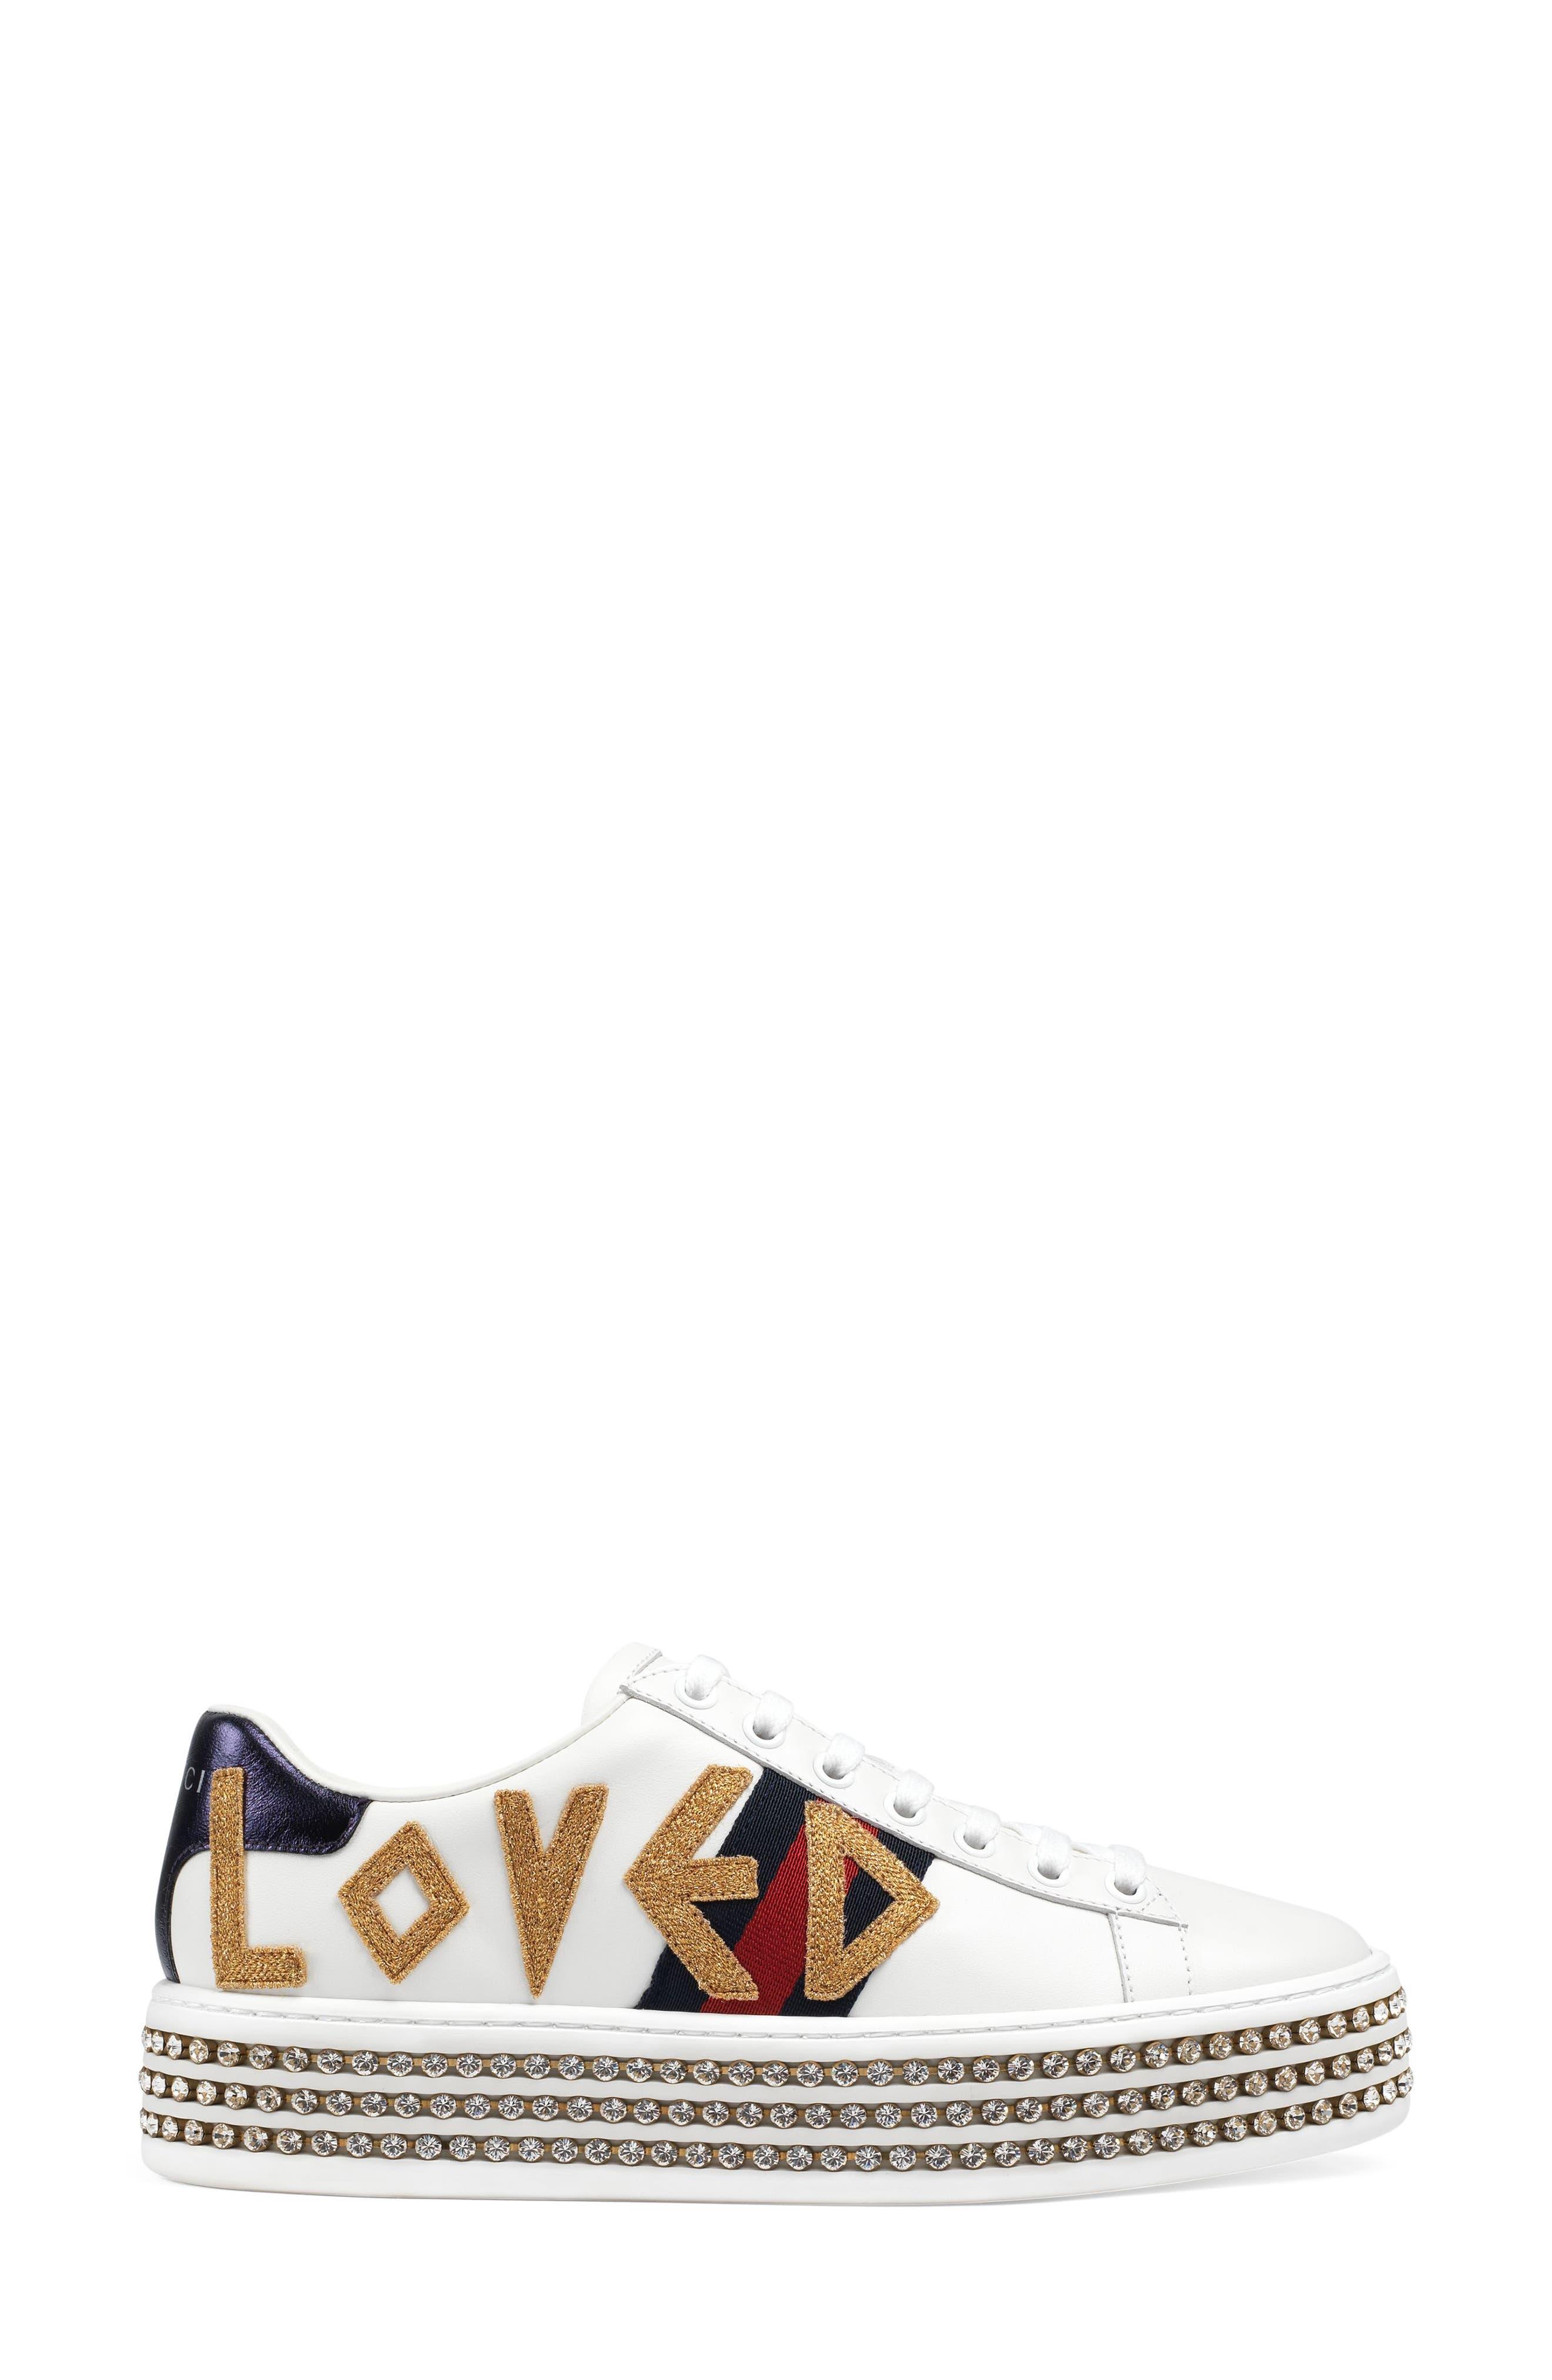 Alternate Image 2  - Gucci New Ace Crystal Embellished Flatform Sneaker (Women)